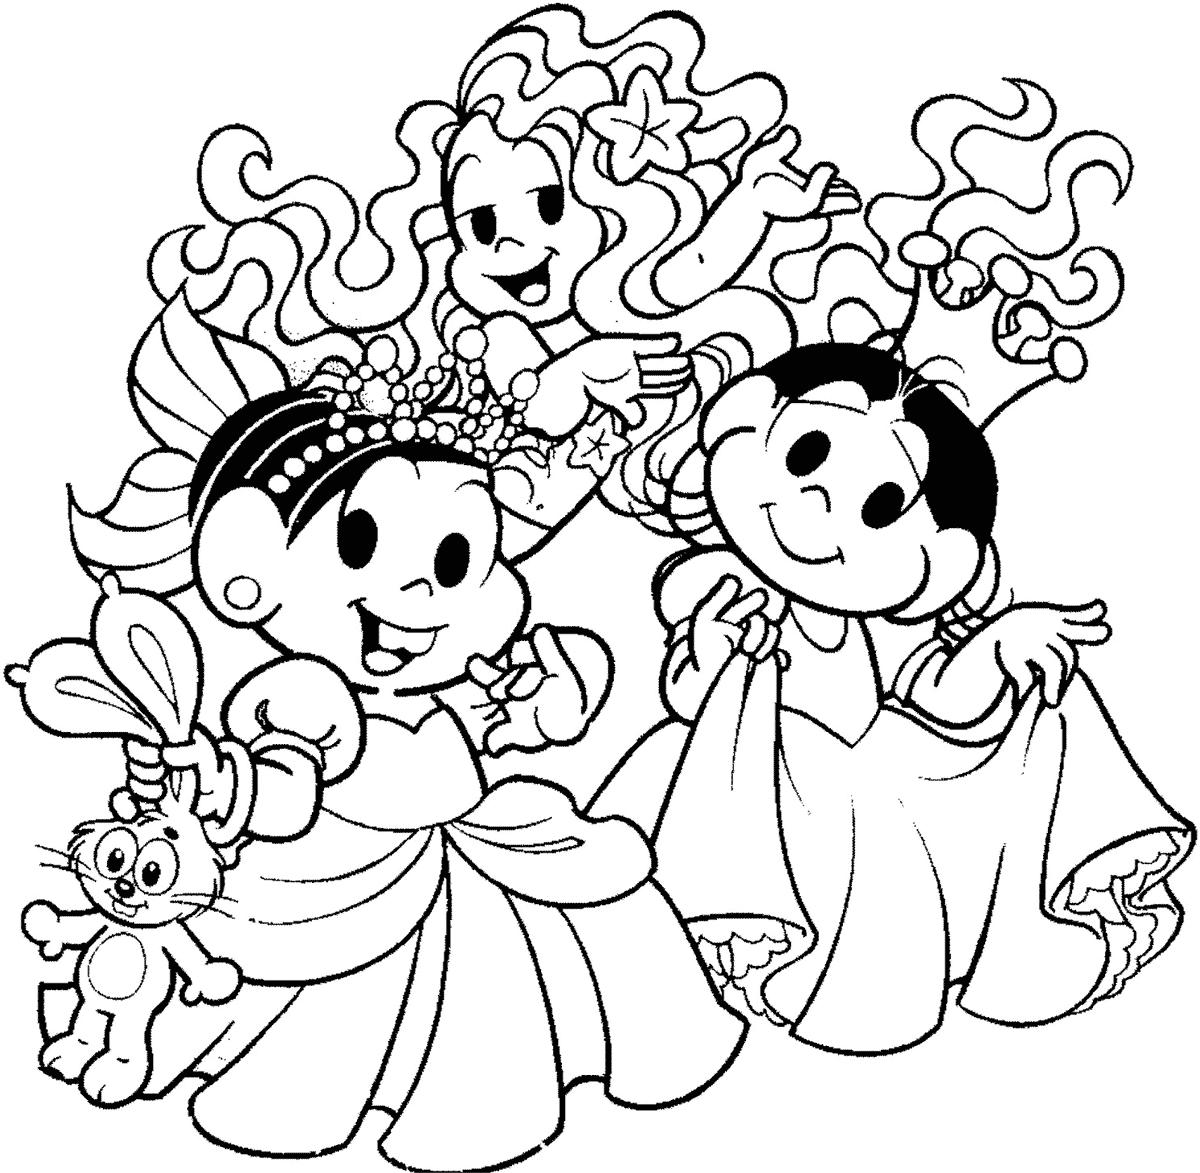 Mônica e Magali como princesas para colorir